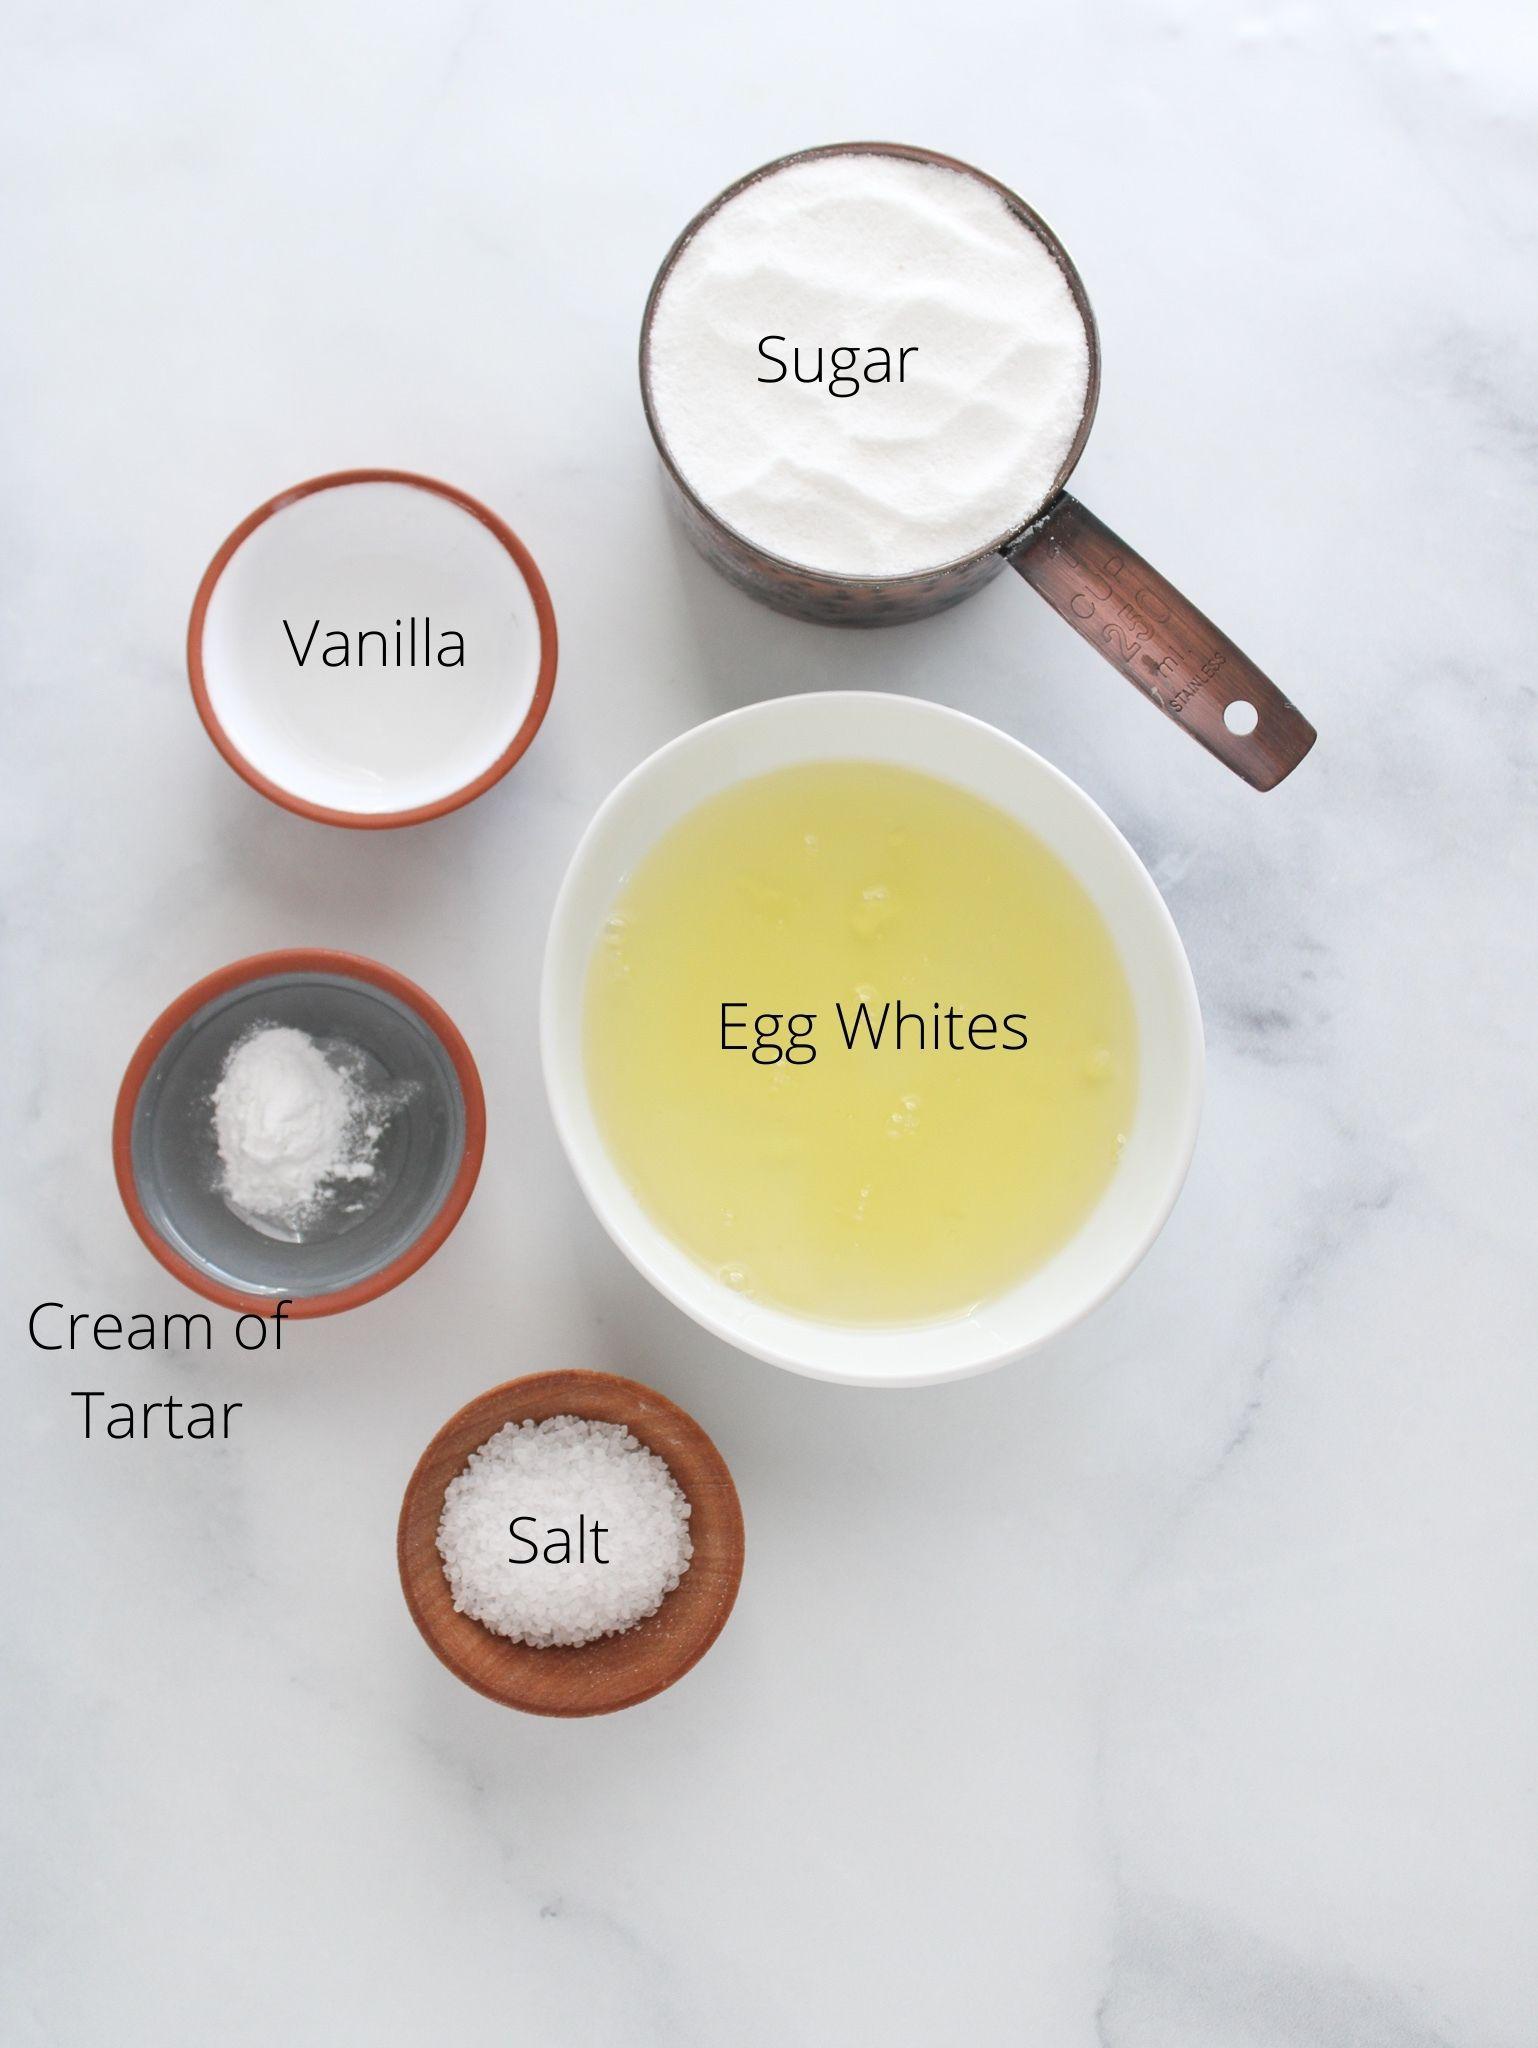 meringue cookie pop ingredients with egg whites, sugar, cream of tartar, salt and vanilla